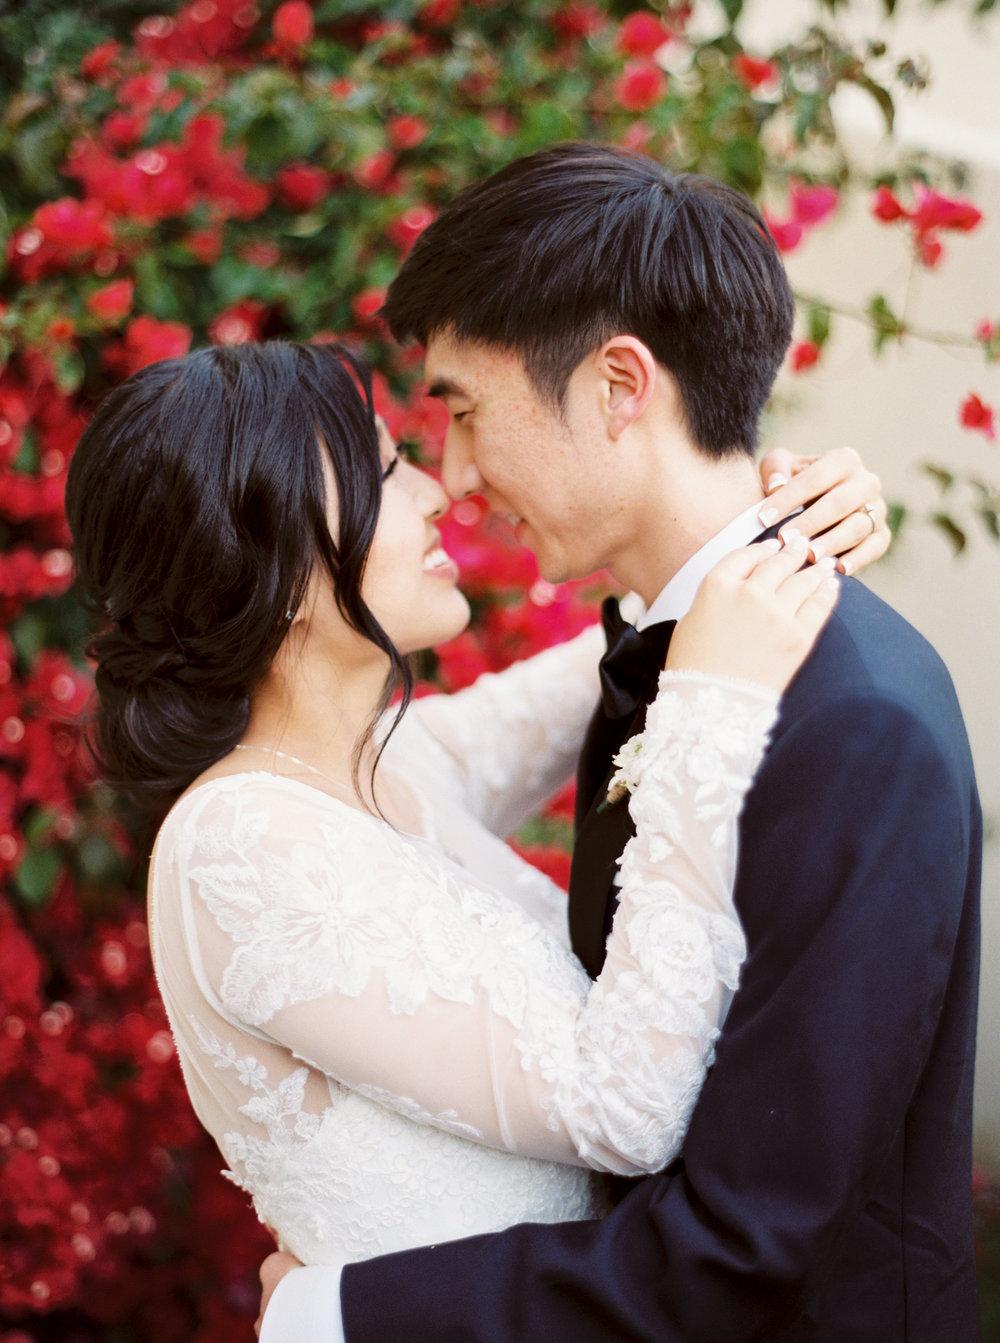 carmel-wedding-at-wedgewood-carmel-california-21.jpg